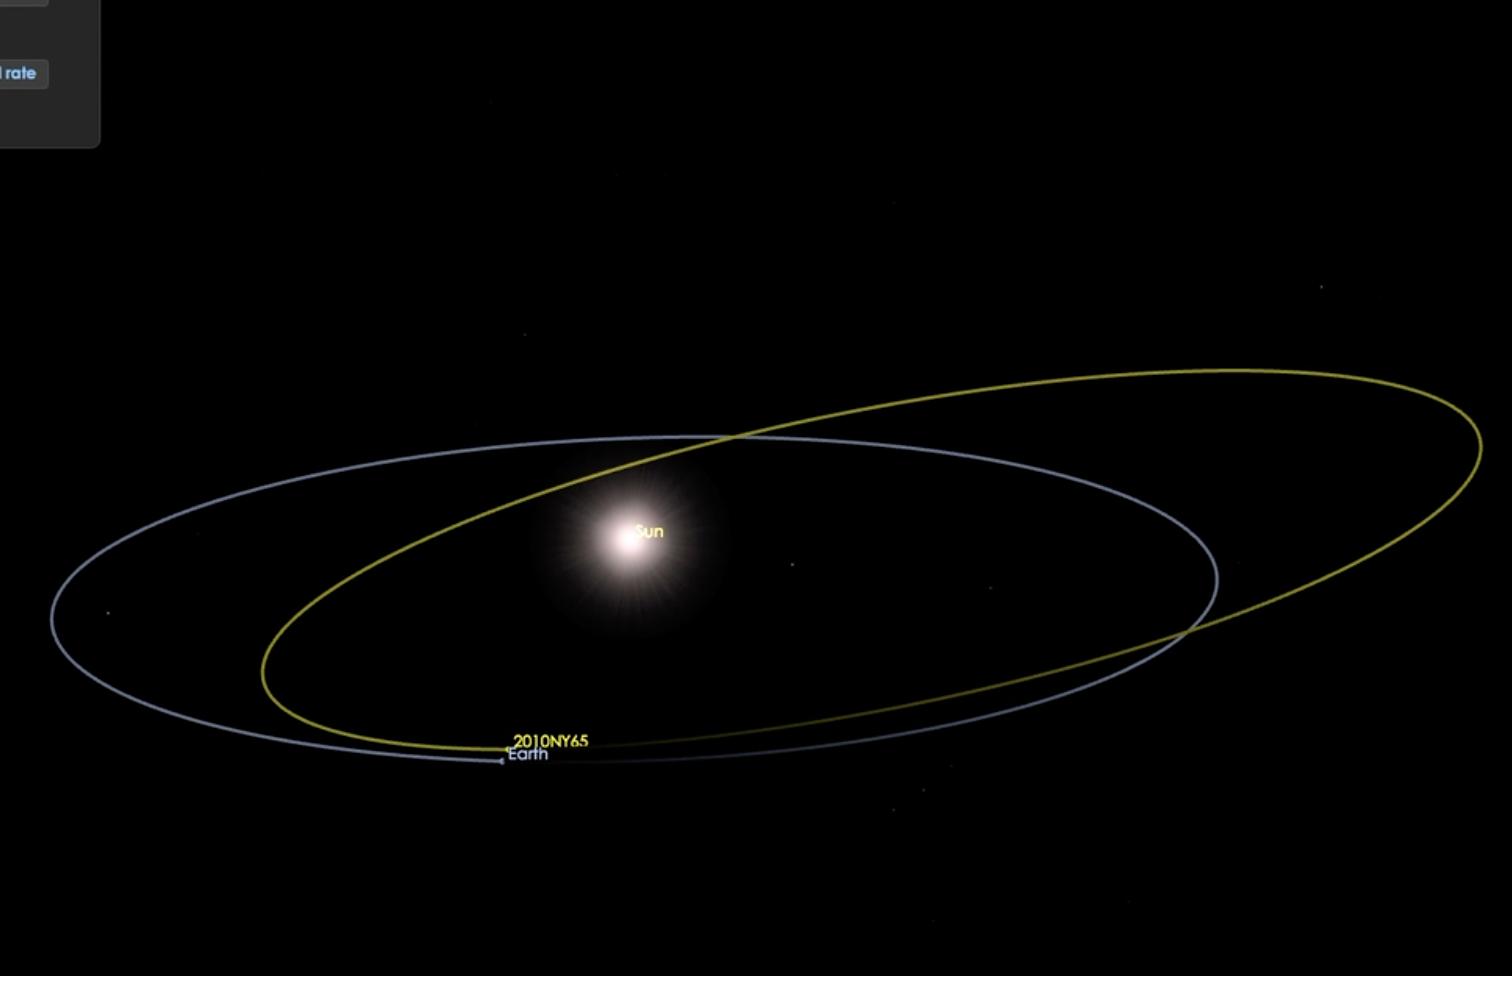 一顆小行星將於2020年6月24日掠過地球。圖片中的黃線是小行星運行軌道,藍色是地球運行軌跡。中間亮點是太陽。(NASA影片截圖)